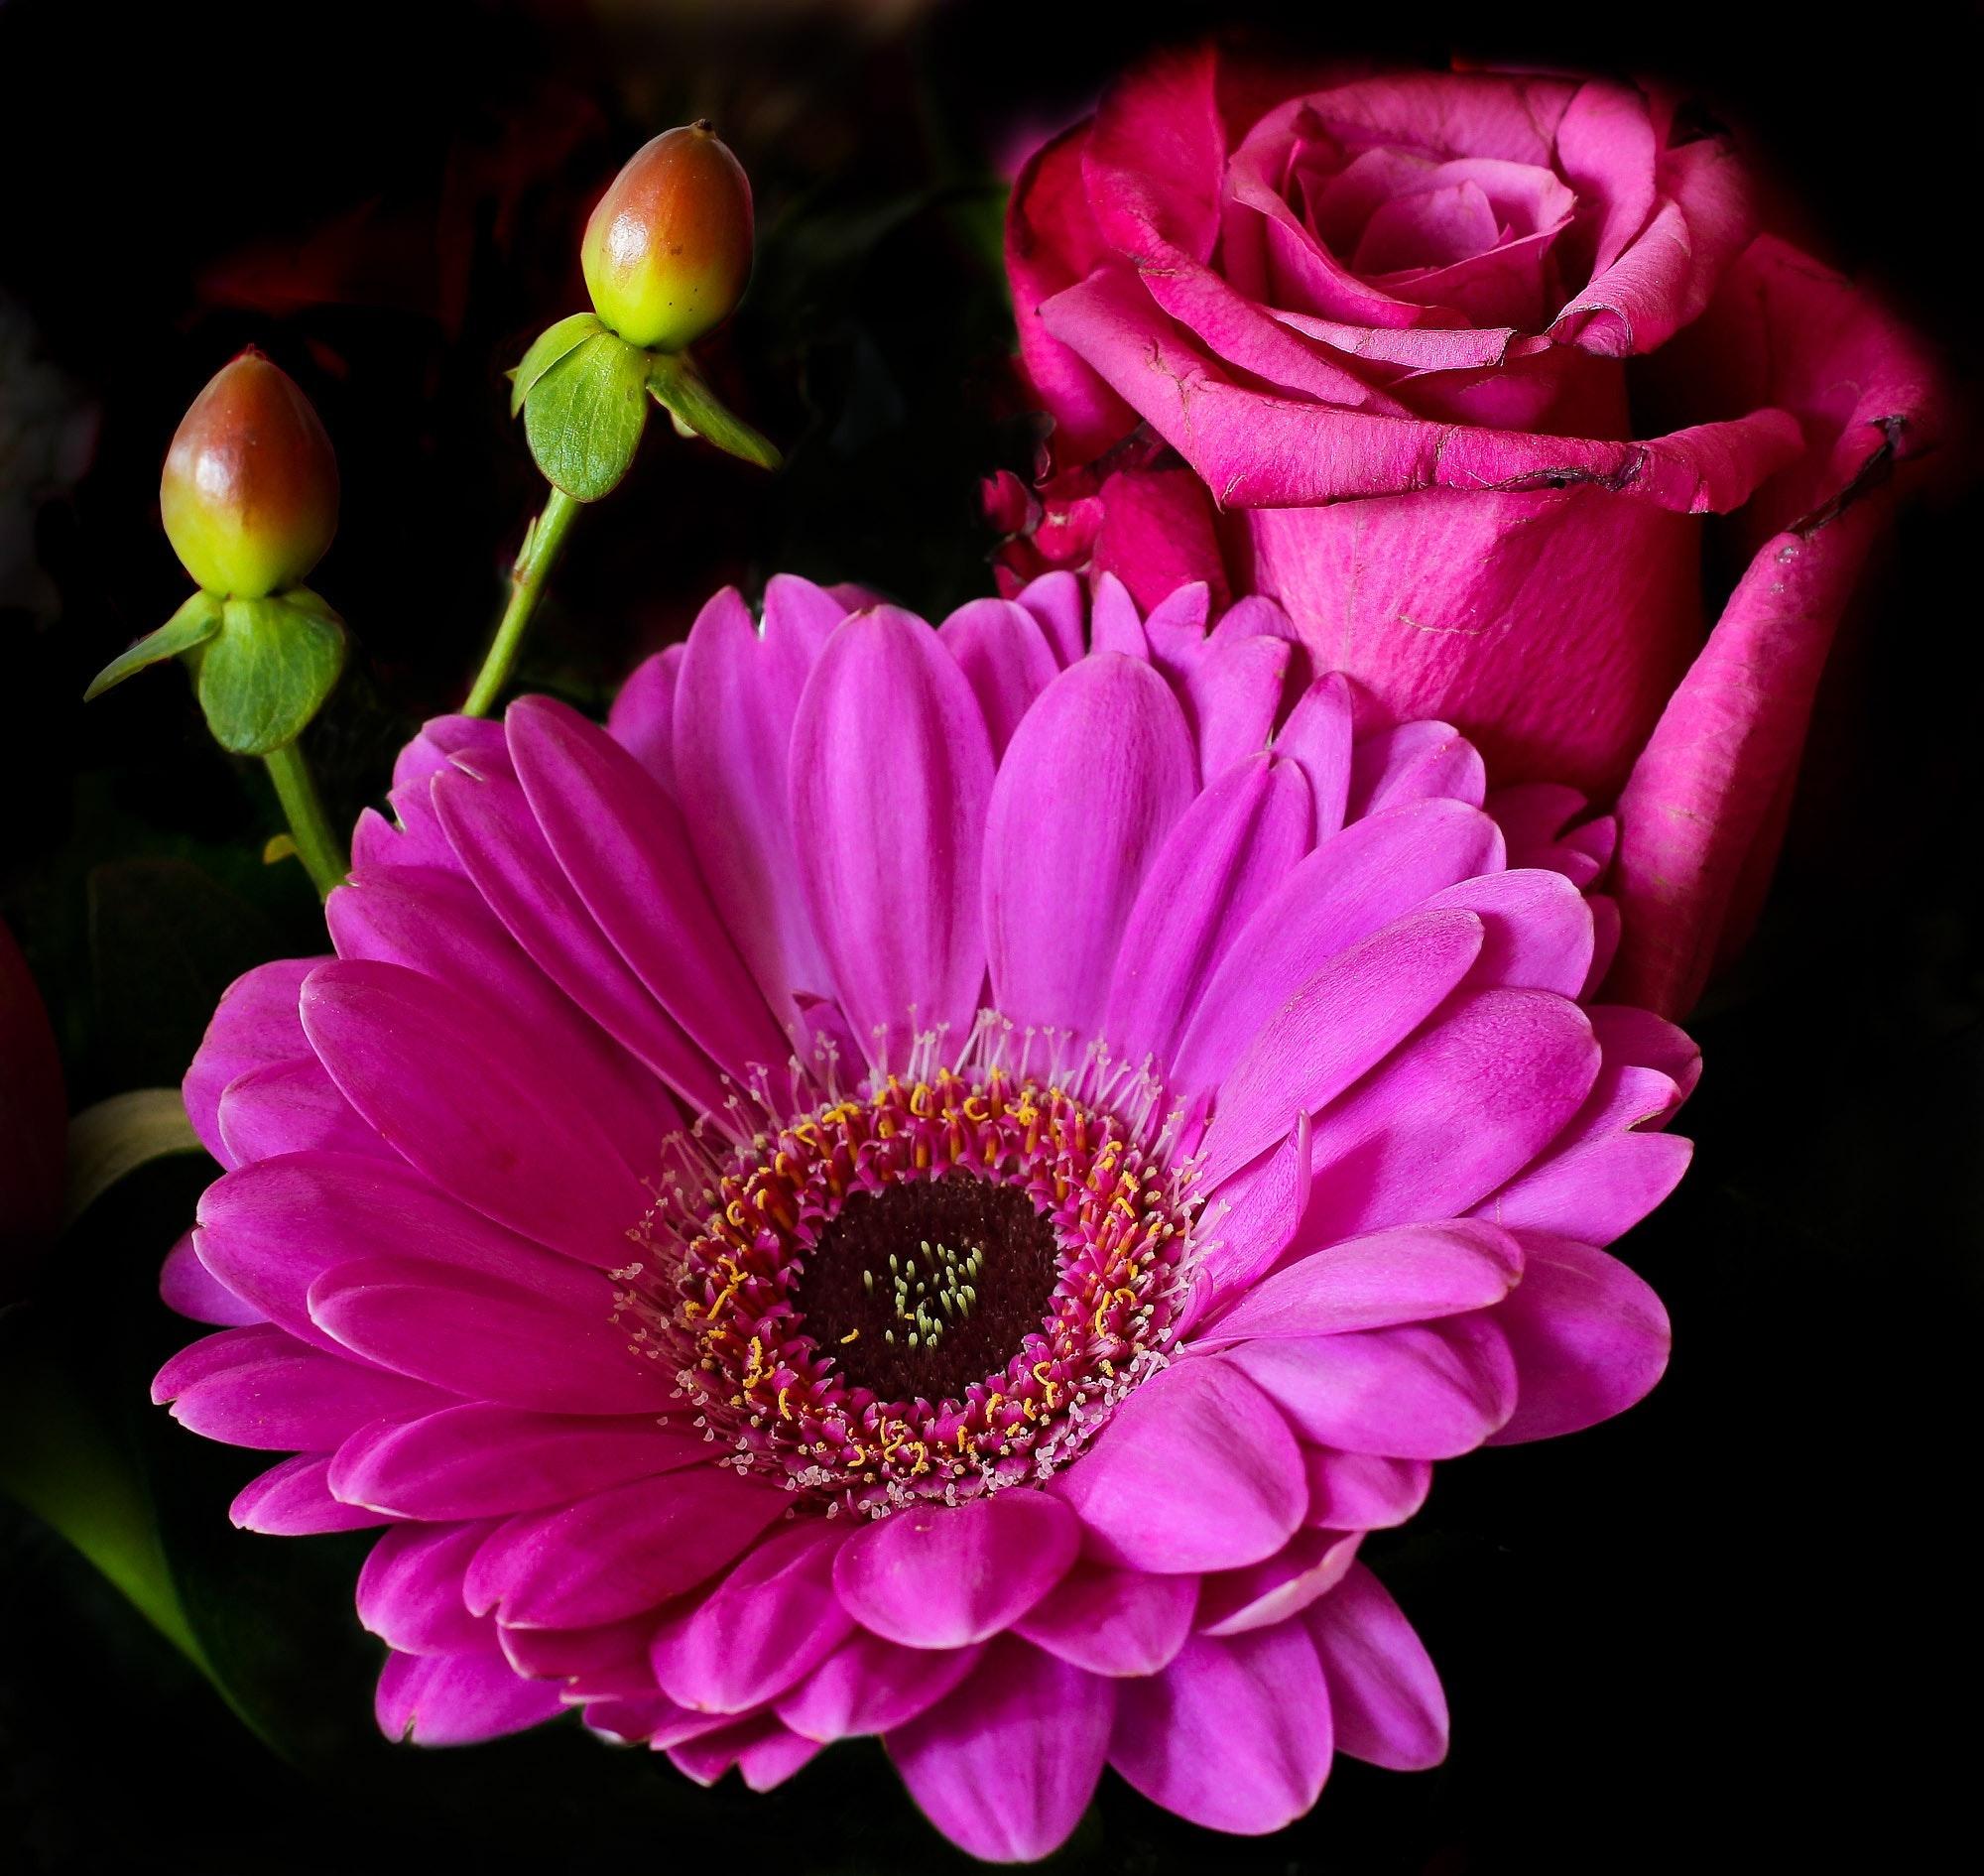 1000 Beautiful Rose Flower Photos Pexels Free Stock Photos